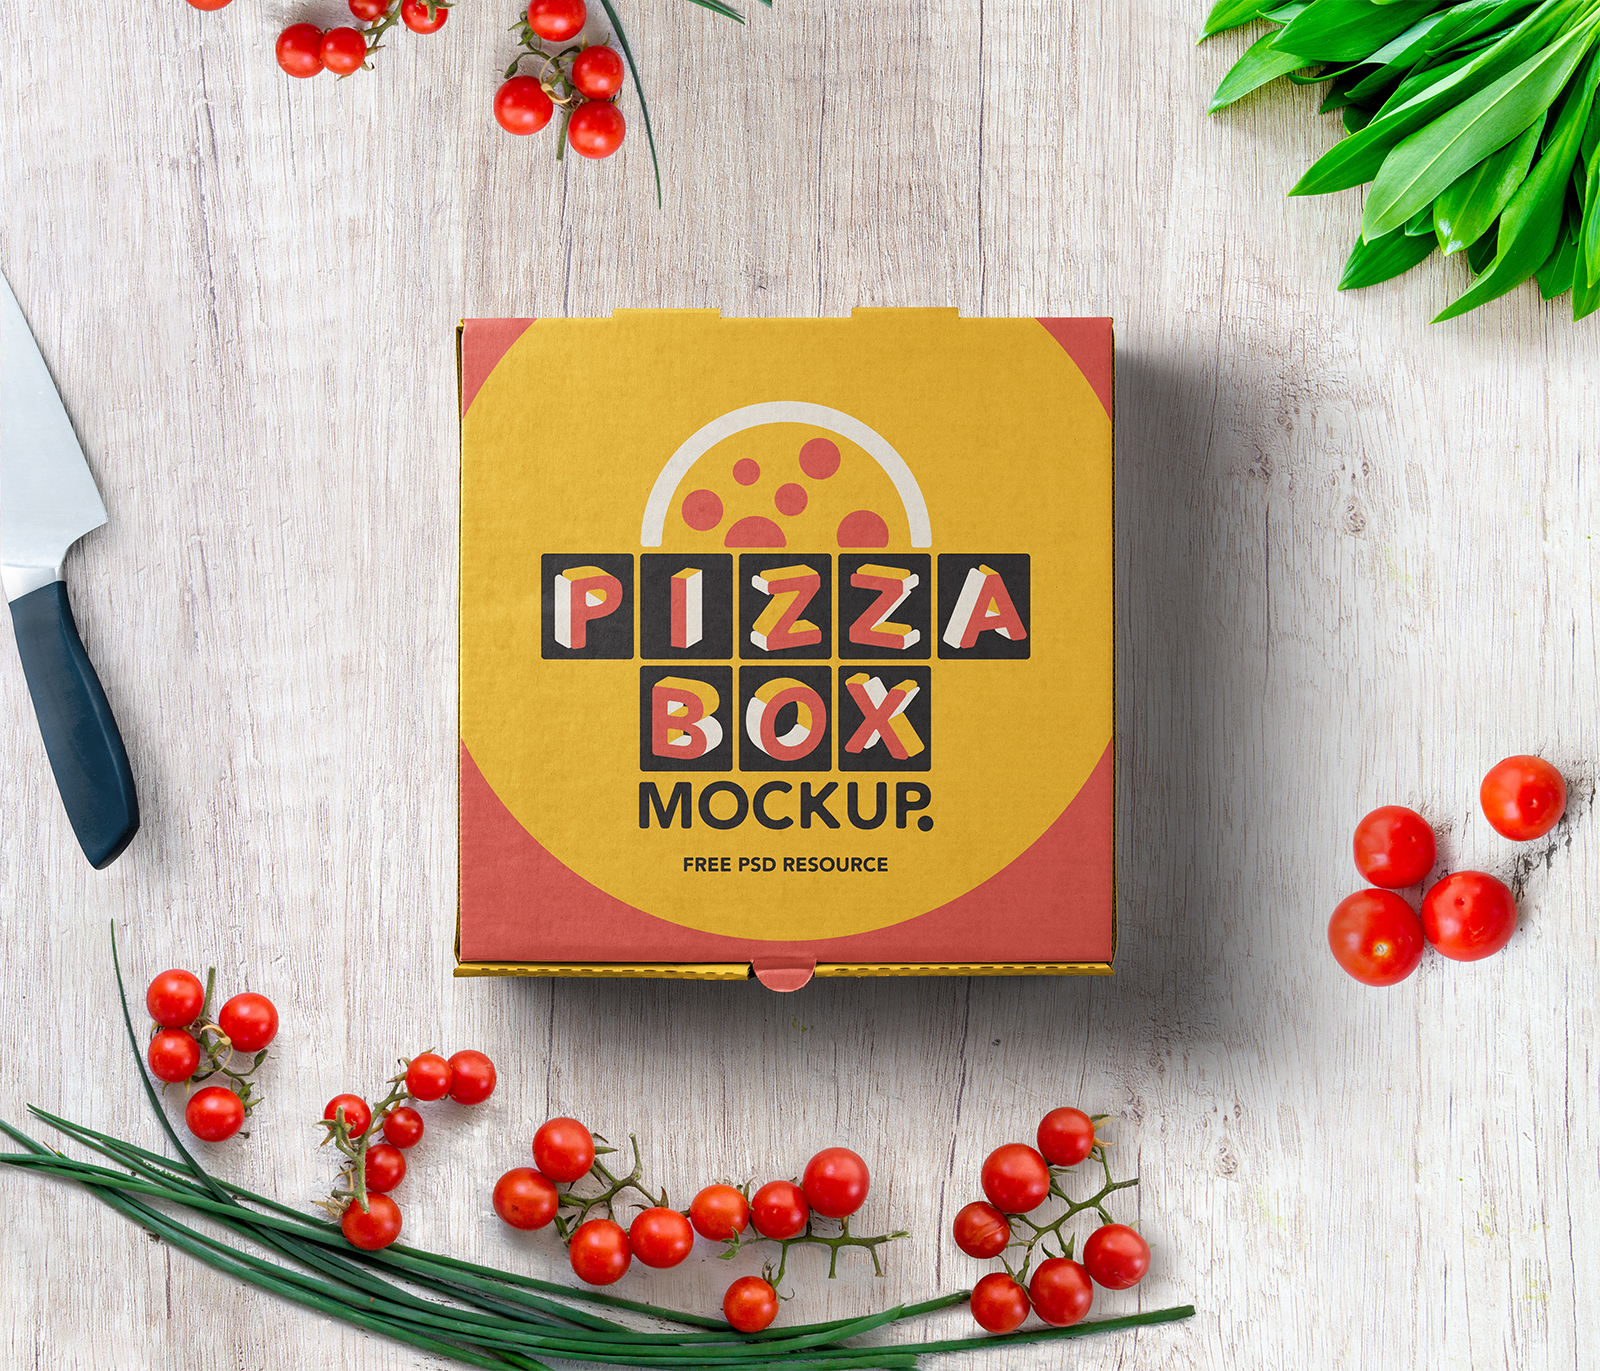 Pizza Box Mockup Packaging